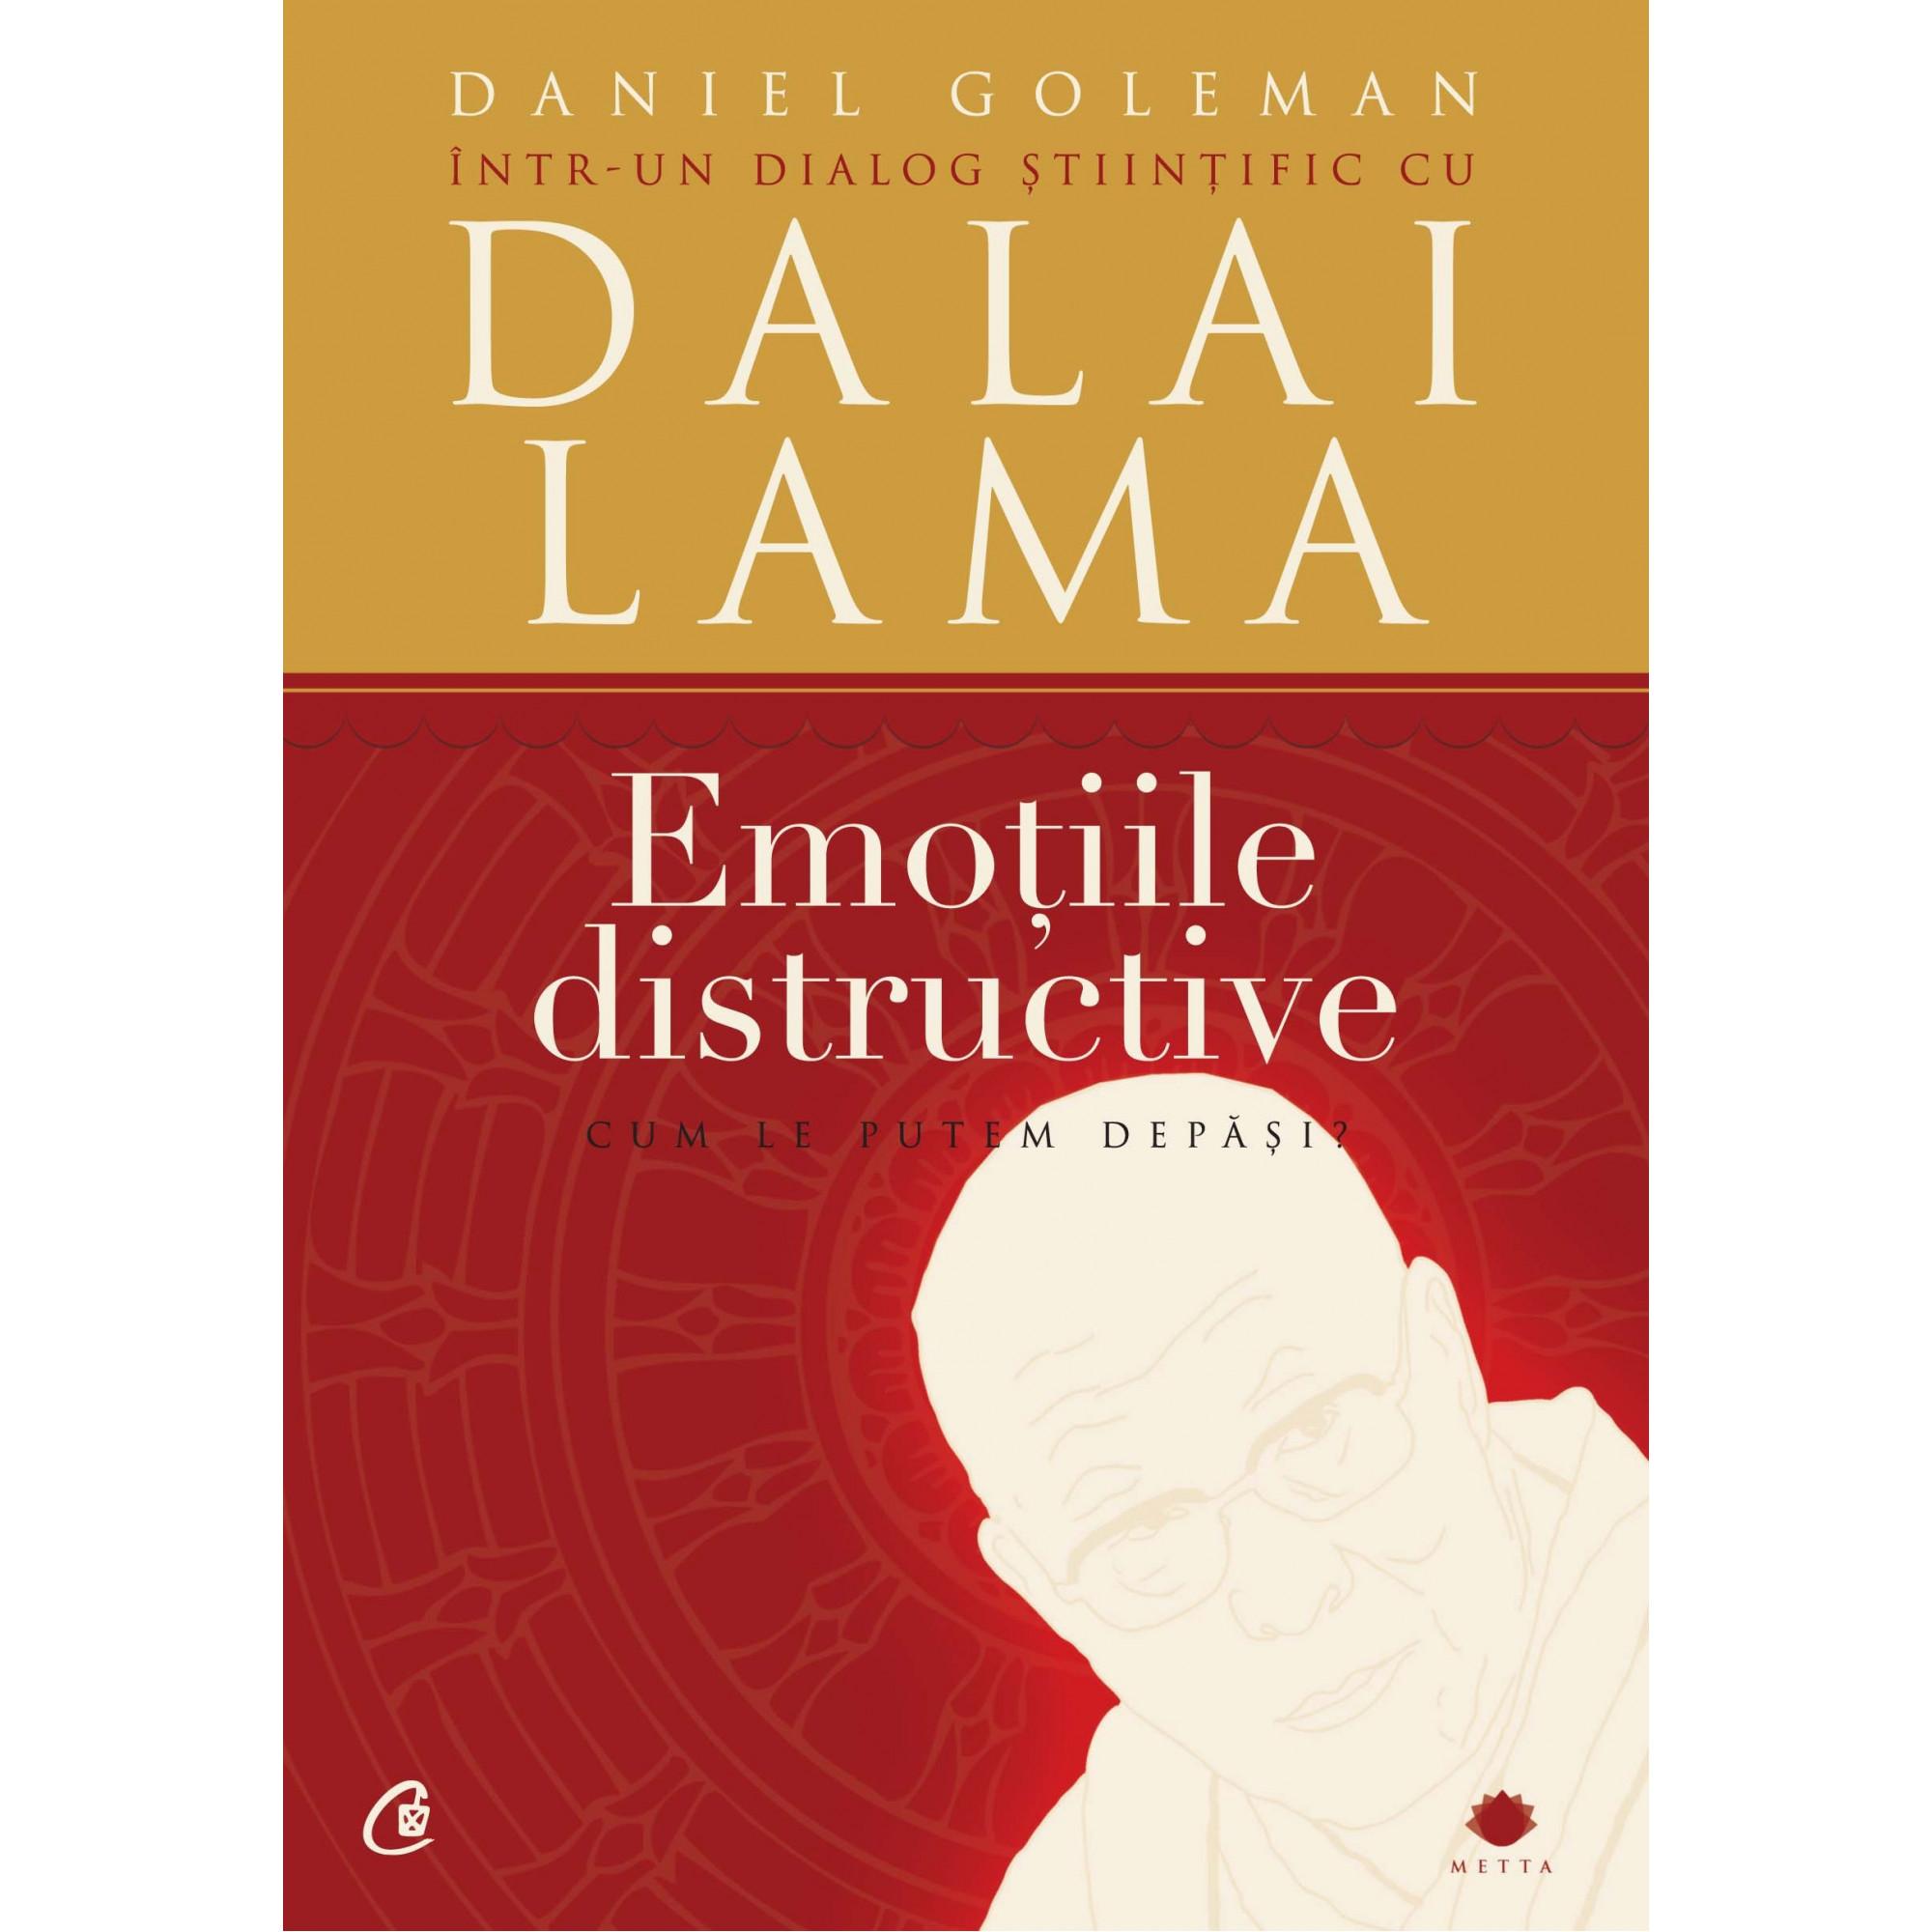 Emoţiile distructive. Ediţia a III-a. Cum le putem depăşi? Dialog ştiinţific cu Dalai Lama